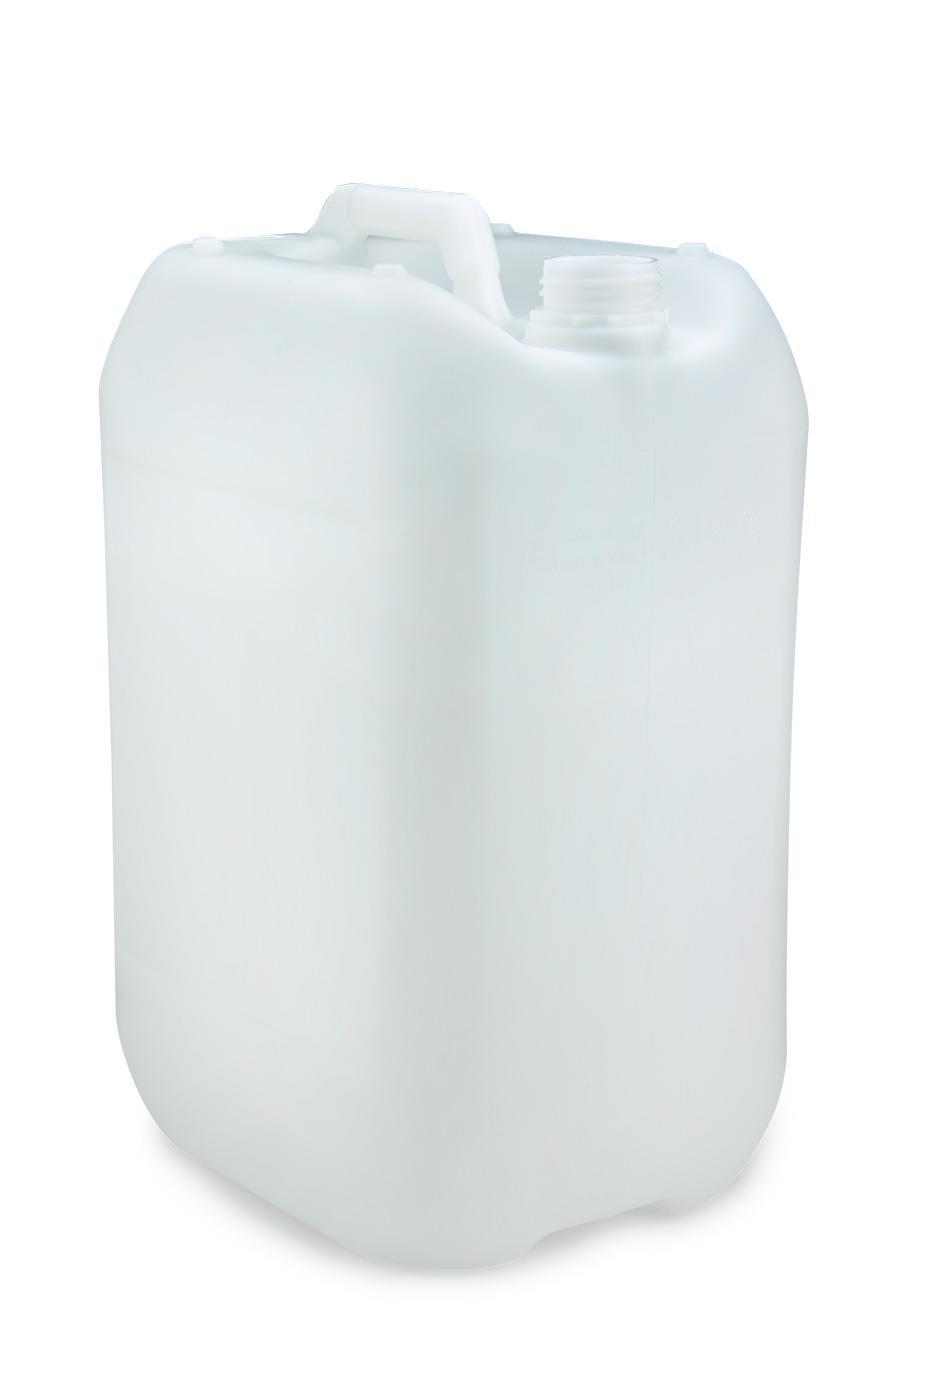 kunststoff kanister natur 25 liter un stapelbar ohne. Black Bedroom Furniture Sets. Home Design Ideas